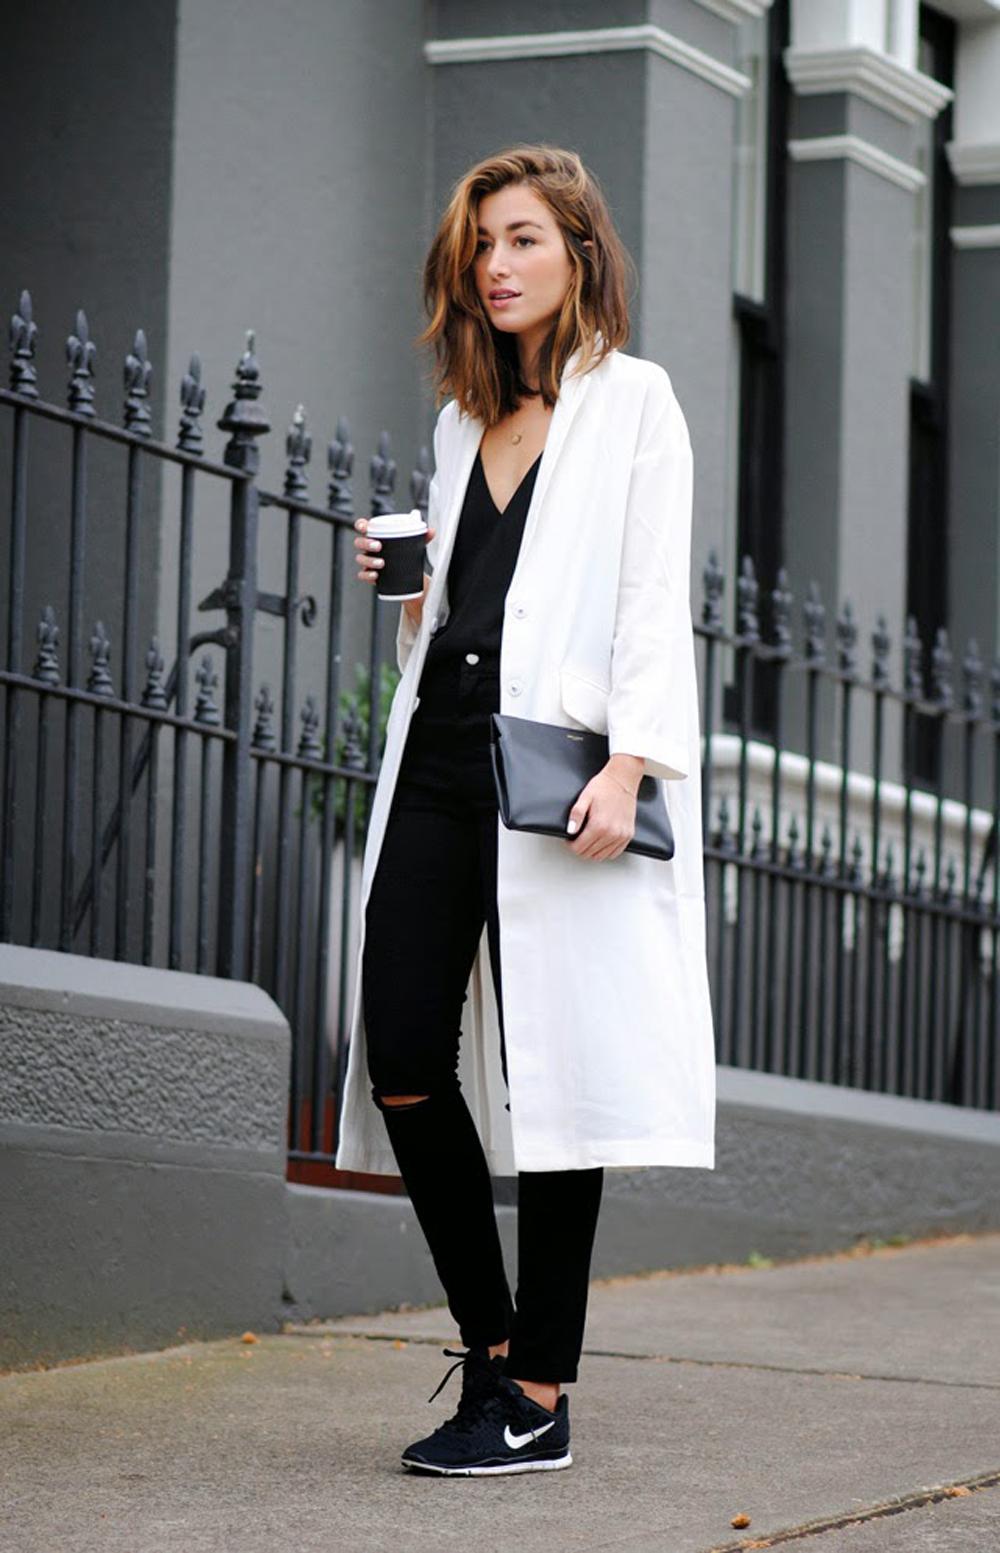 Favoloso Cappotto bianco: come abbinarlo per un outfit invernale XN22